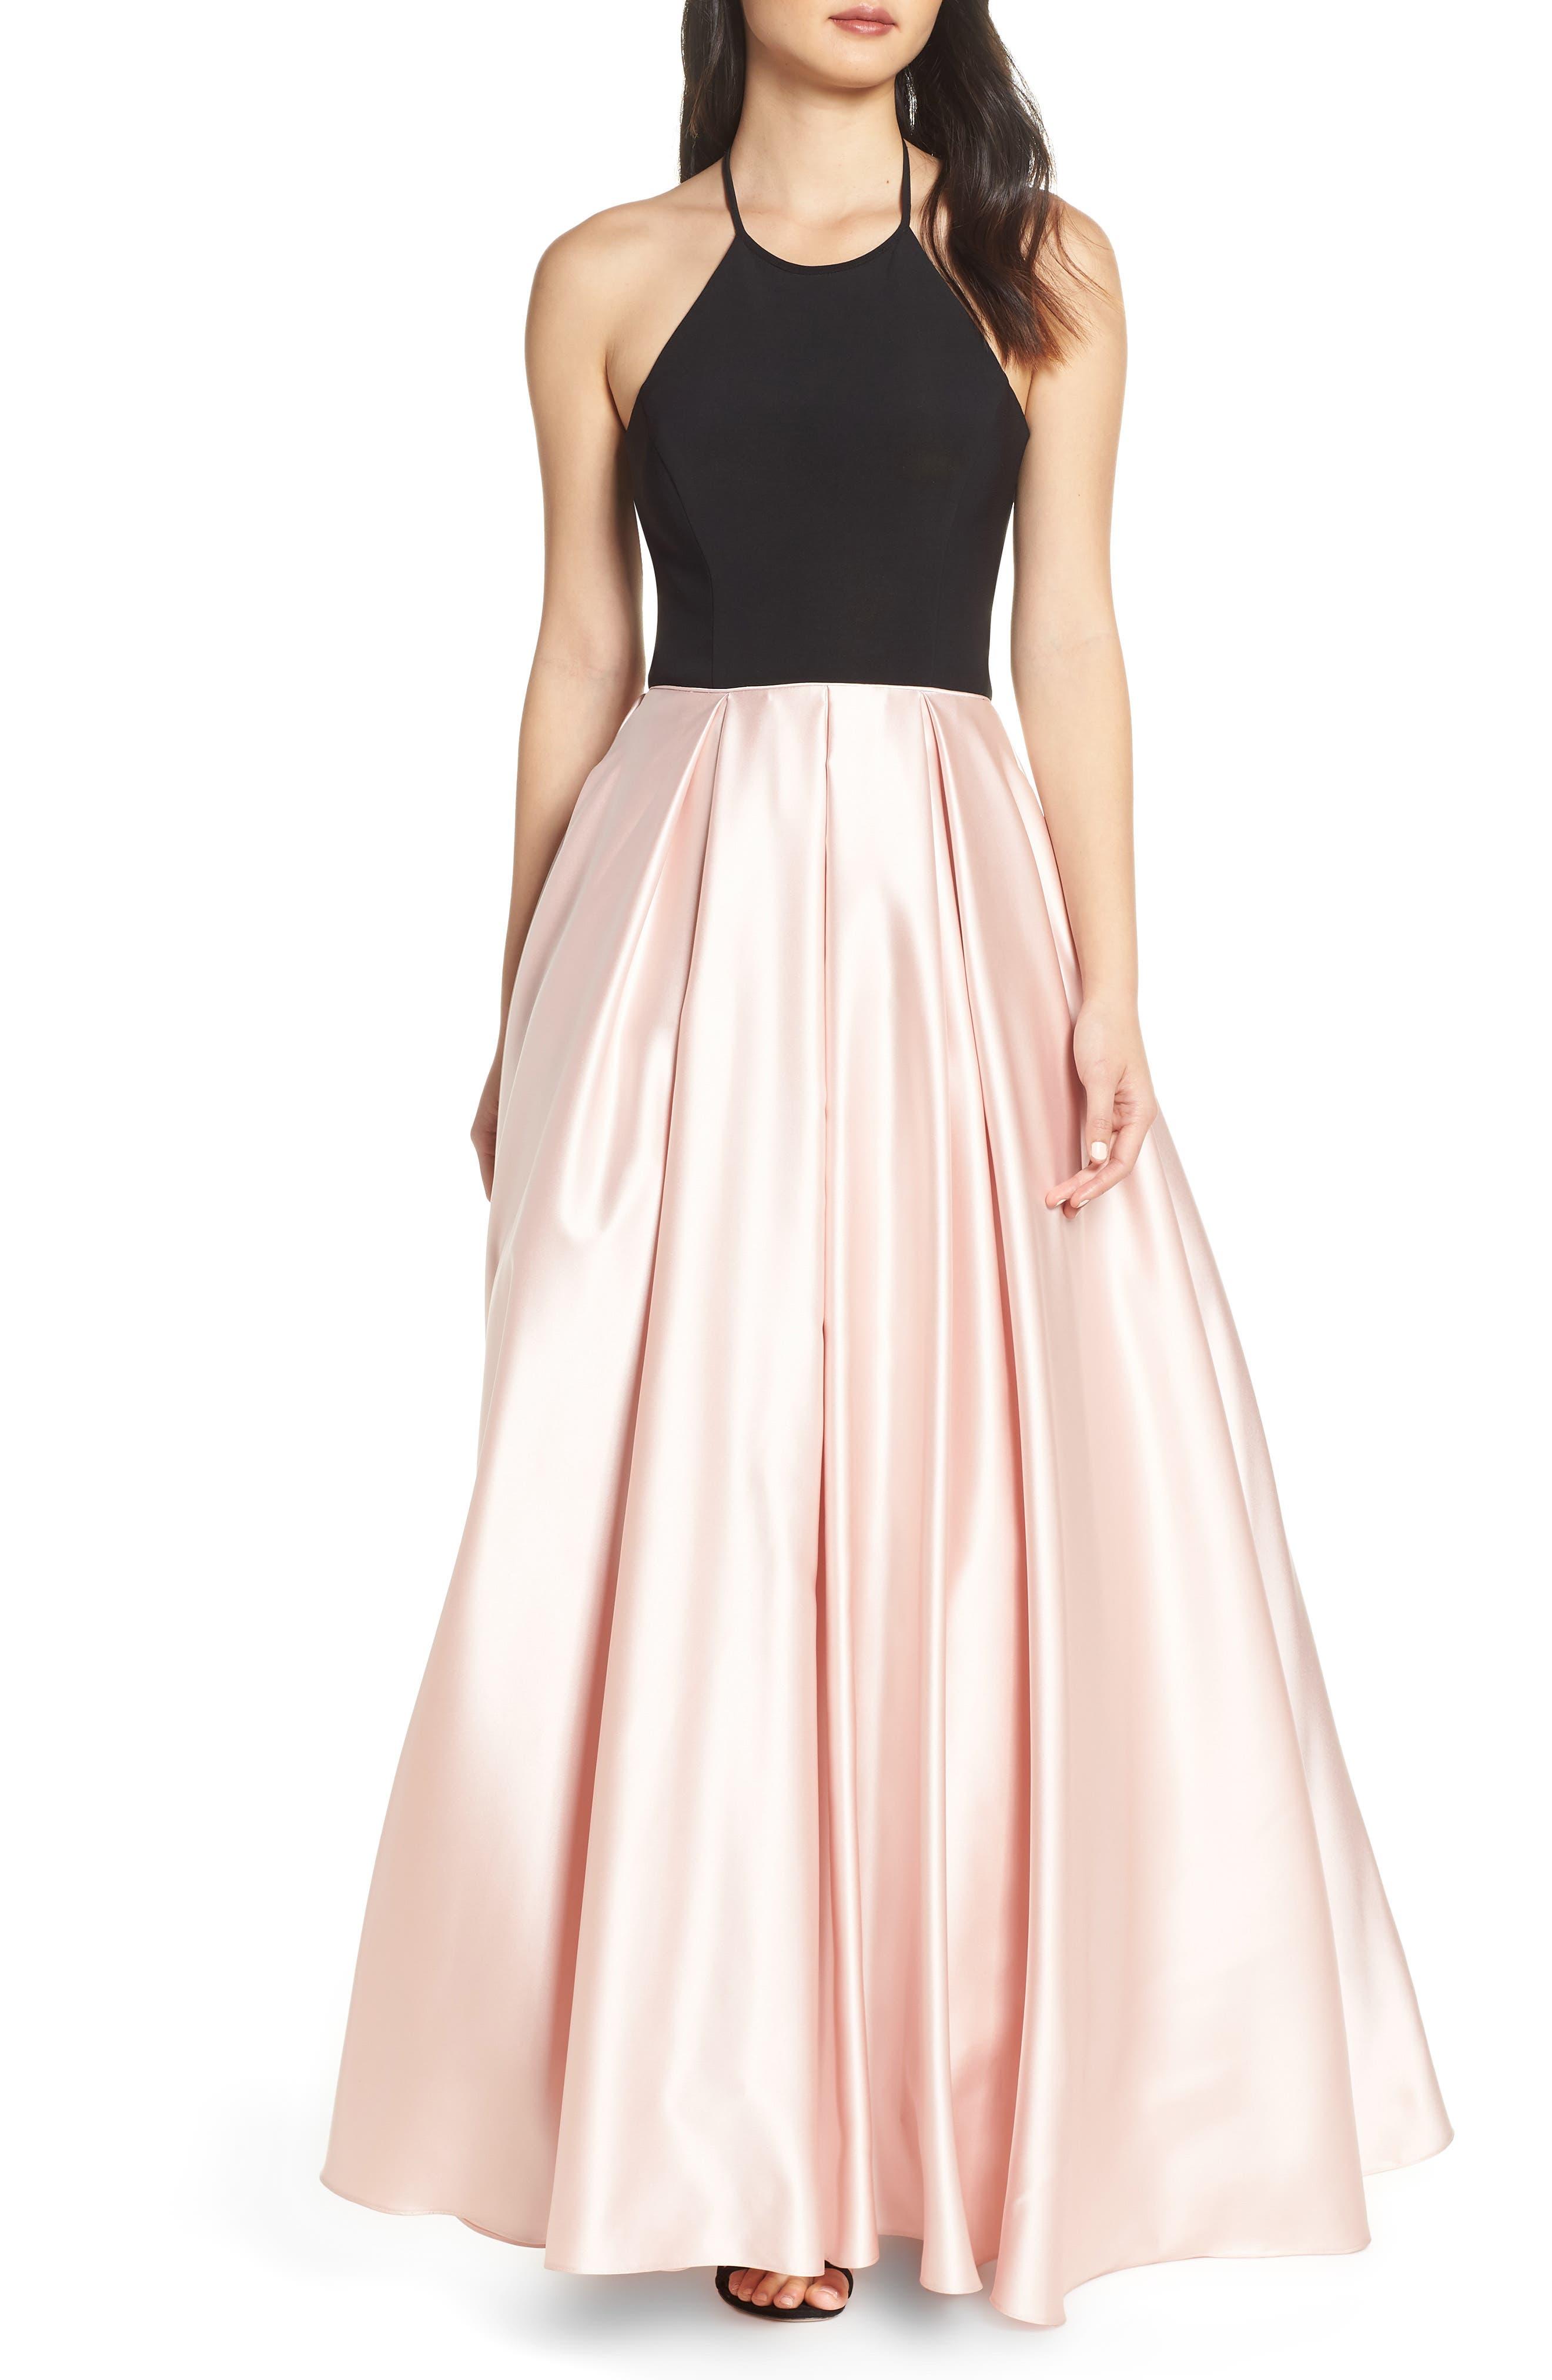 Blondie Nites Halter Satin Skirt Evening Dress, Beige